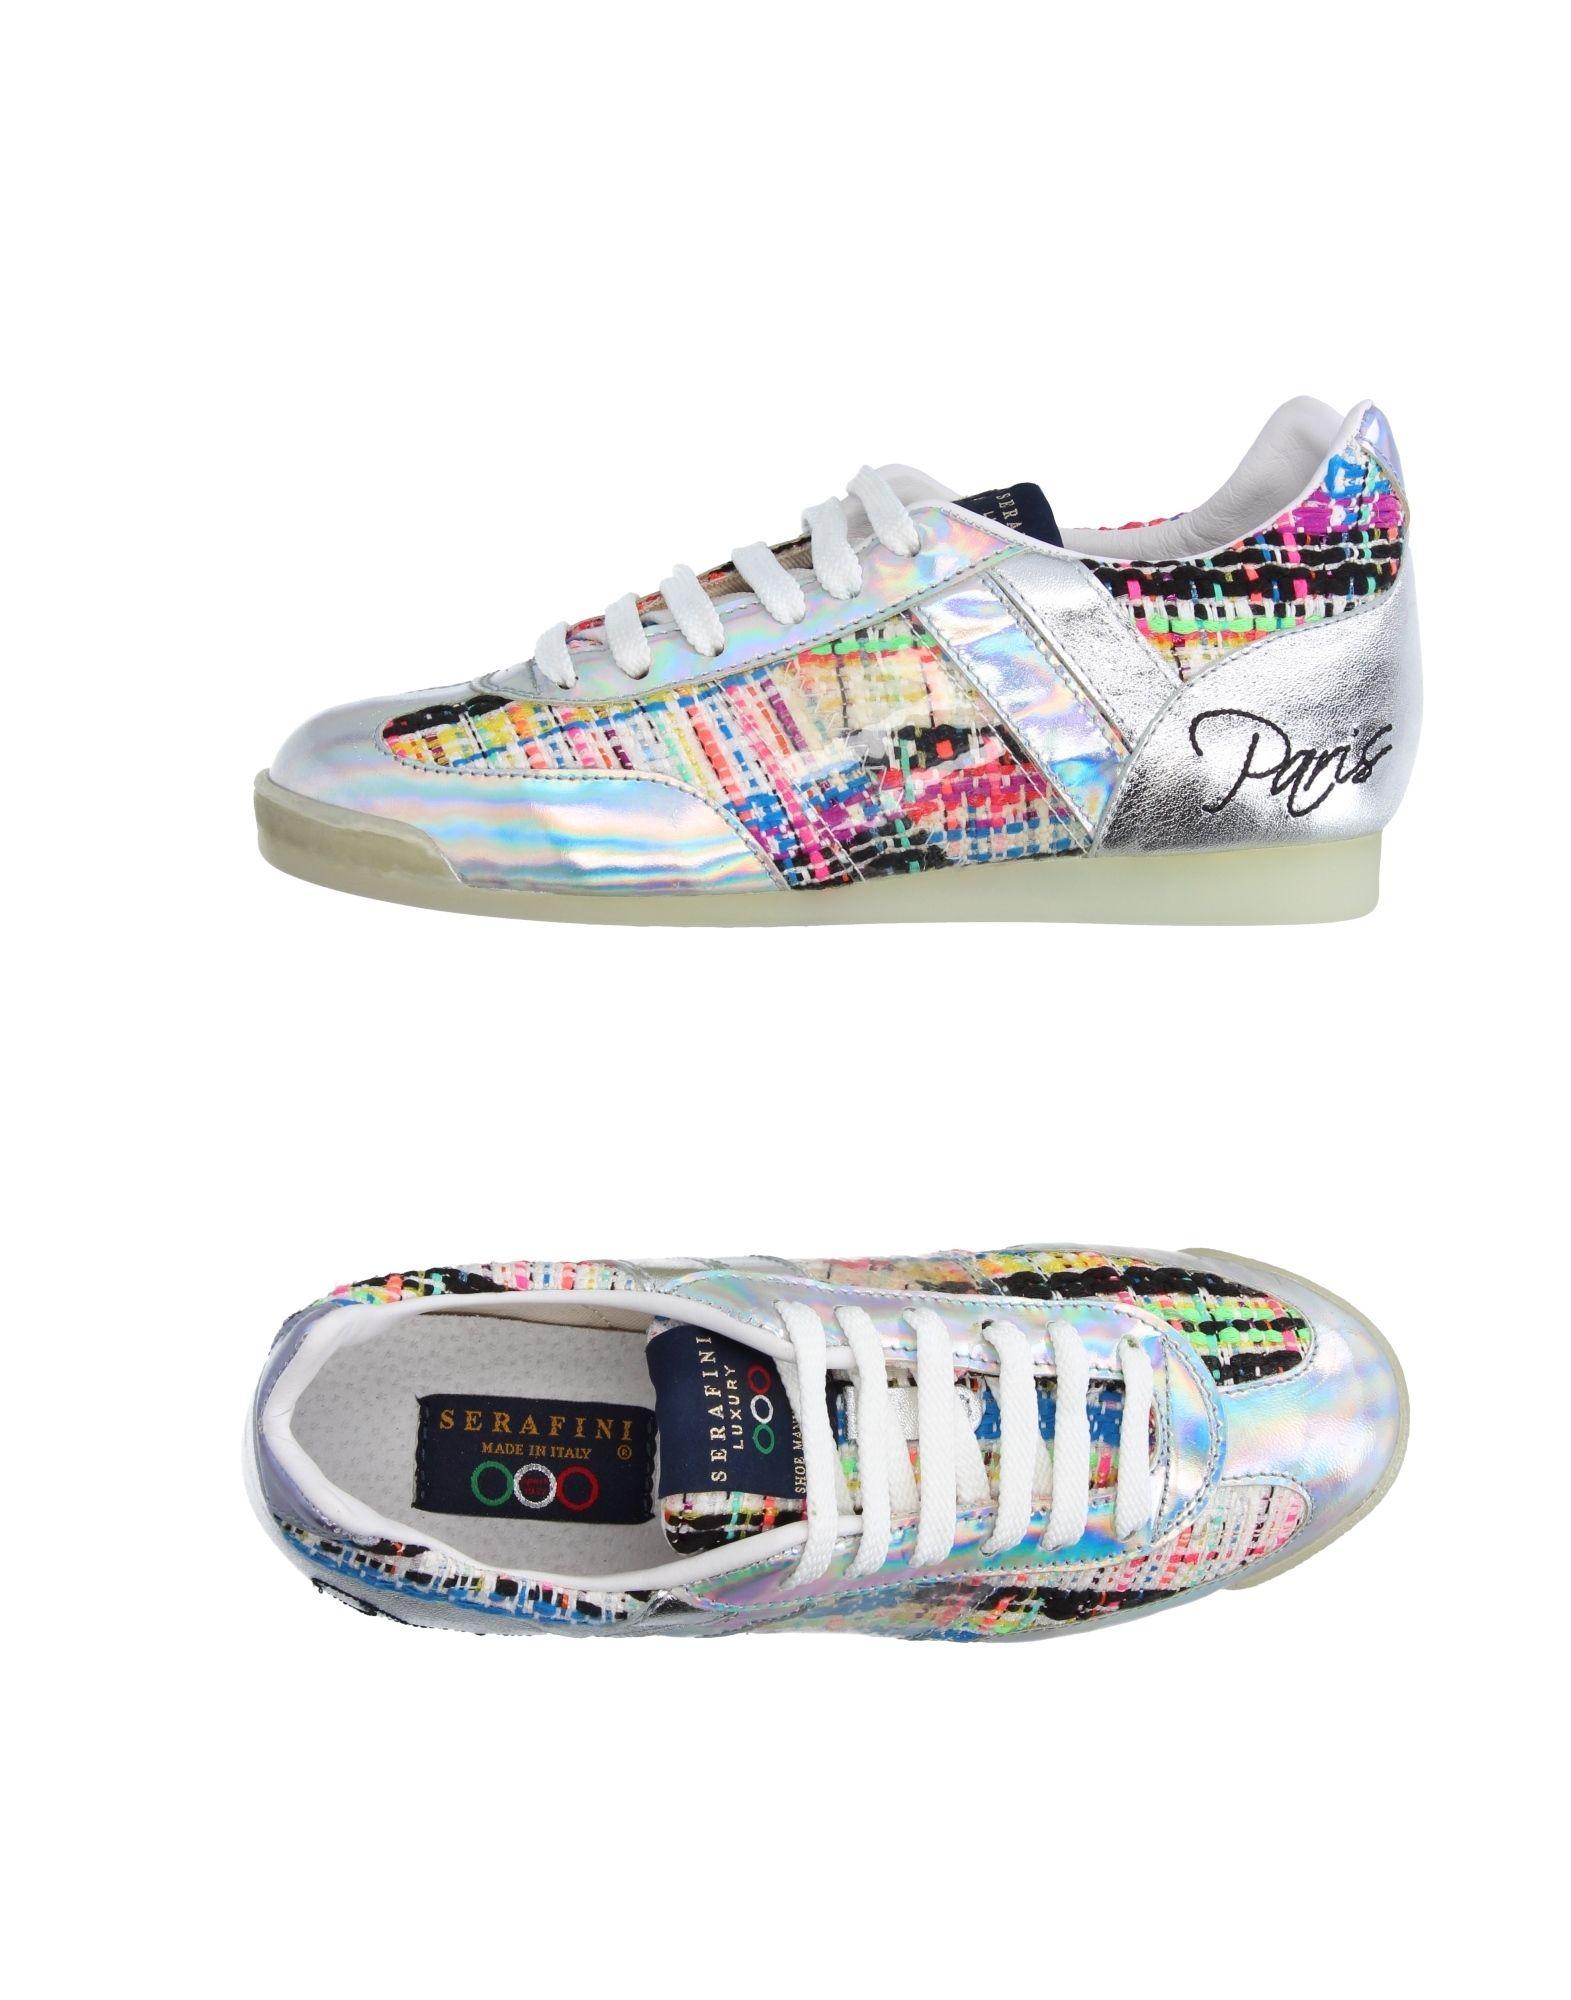 SERAFINI Sneakers in Silver